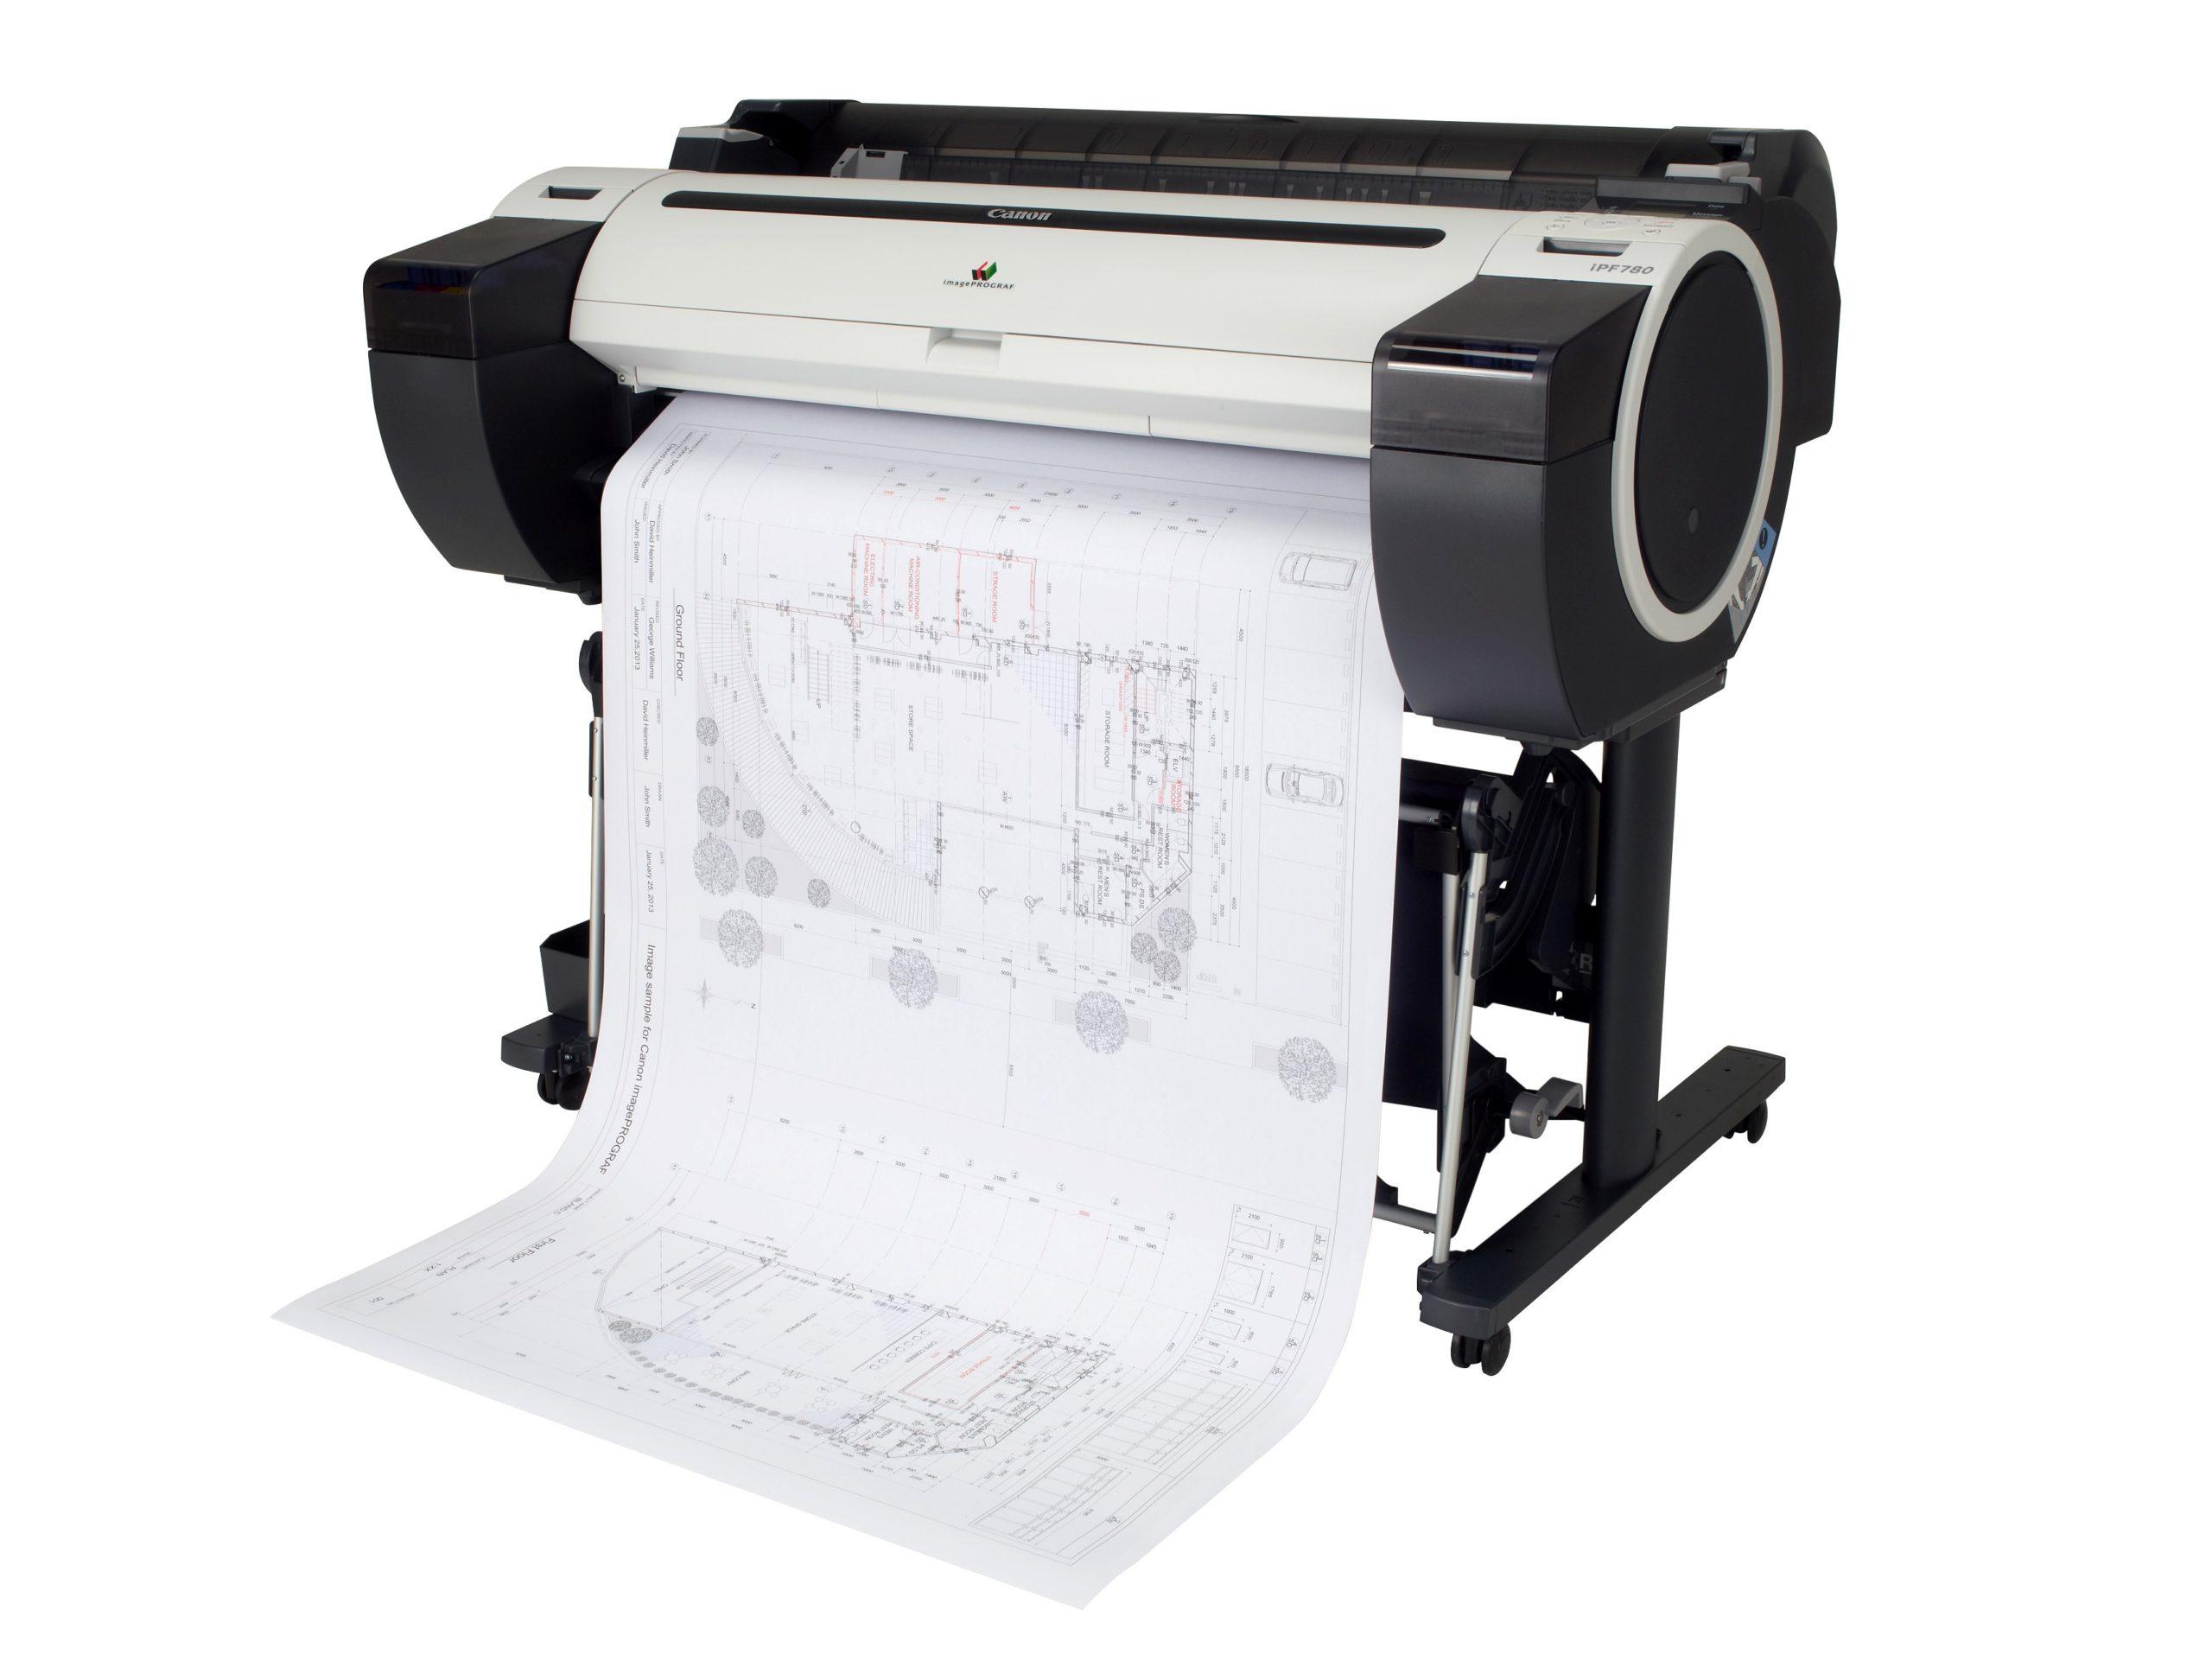 Широкоформатная печать чертежей на плоттере   фото 3